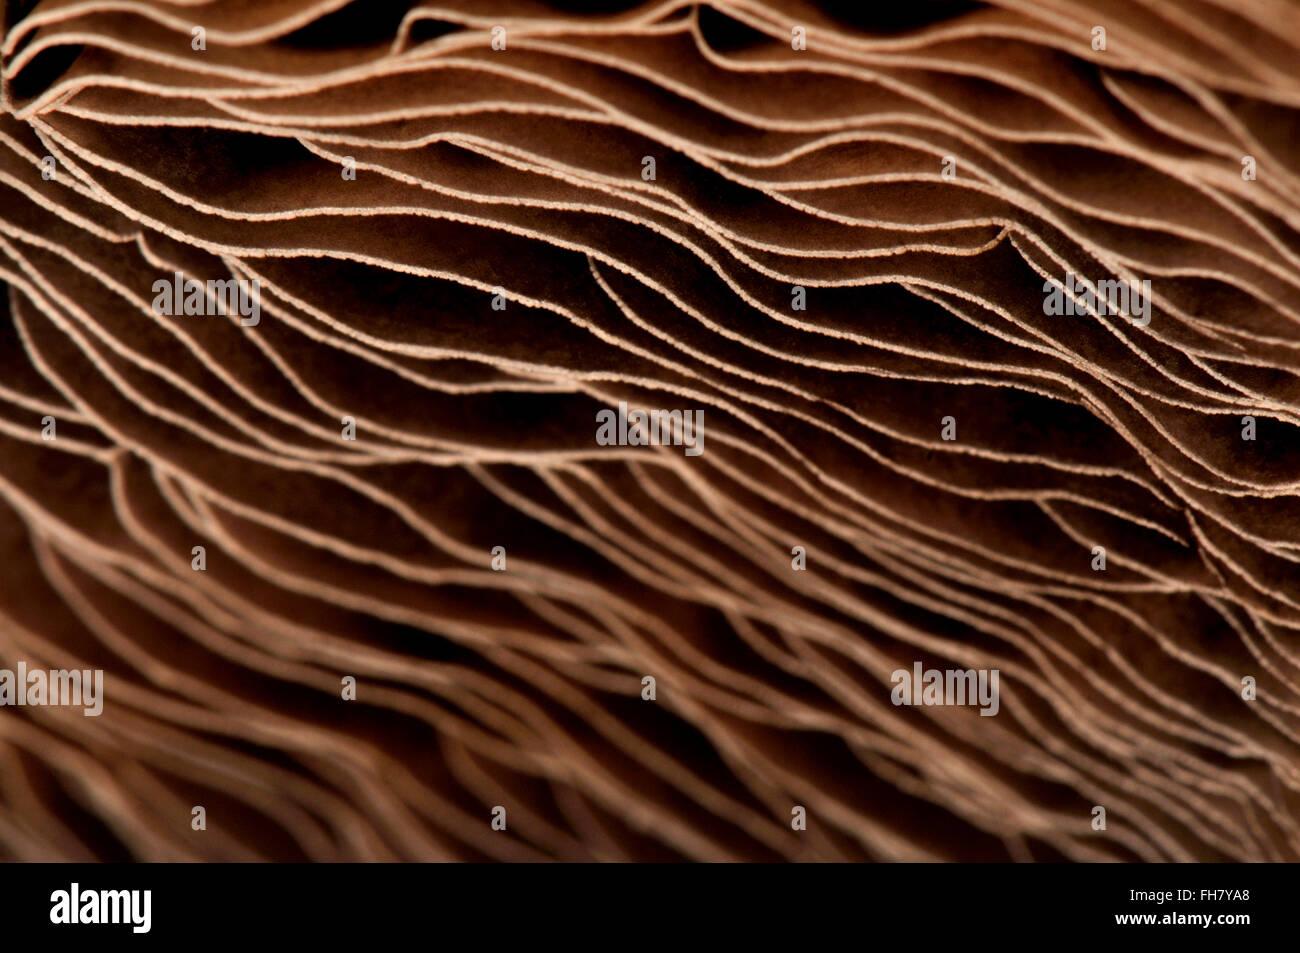 Il lato inferiore del campo di grandi dimensioni che mostra del fungo branchie - disegno astratto Foto Stock